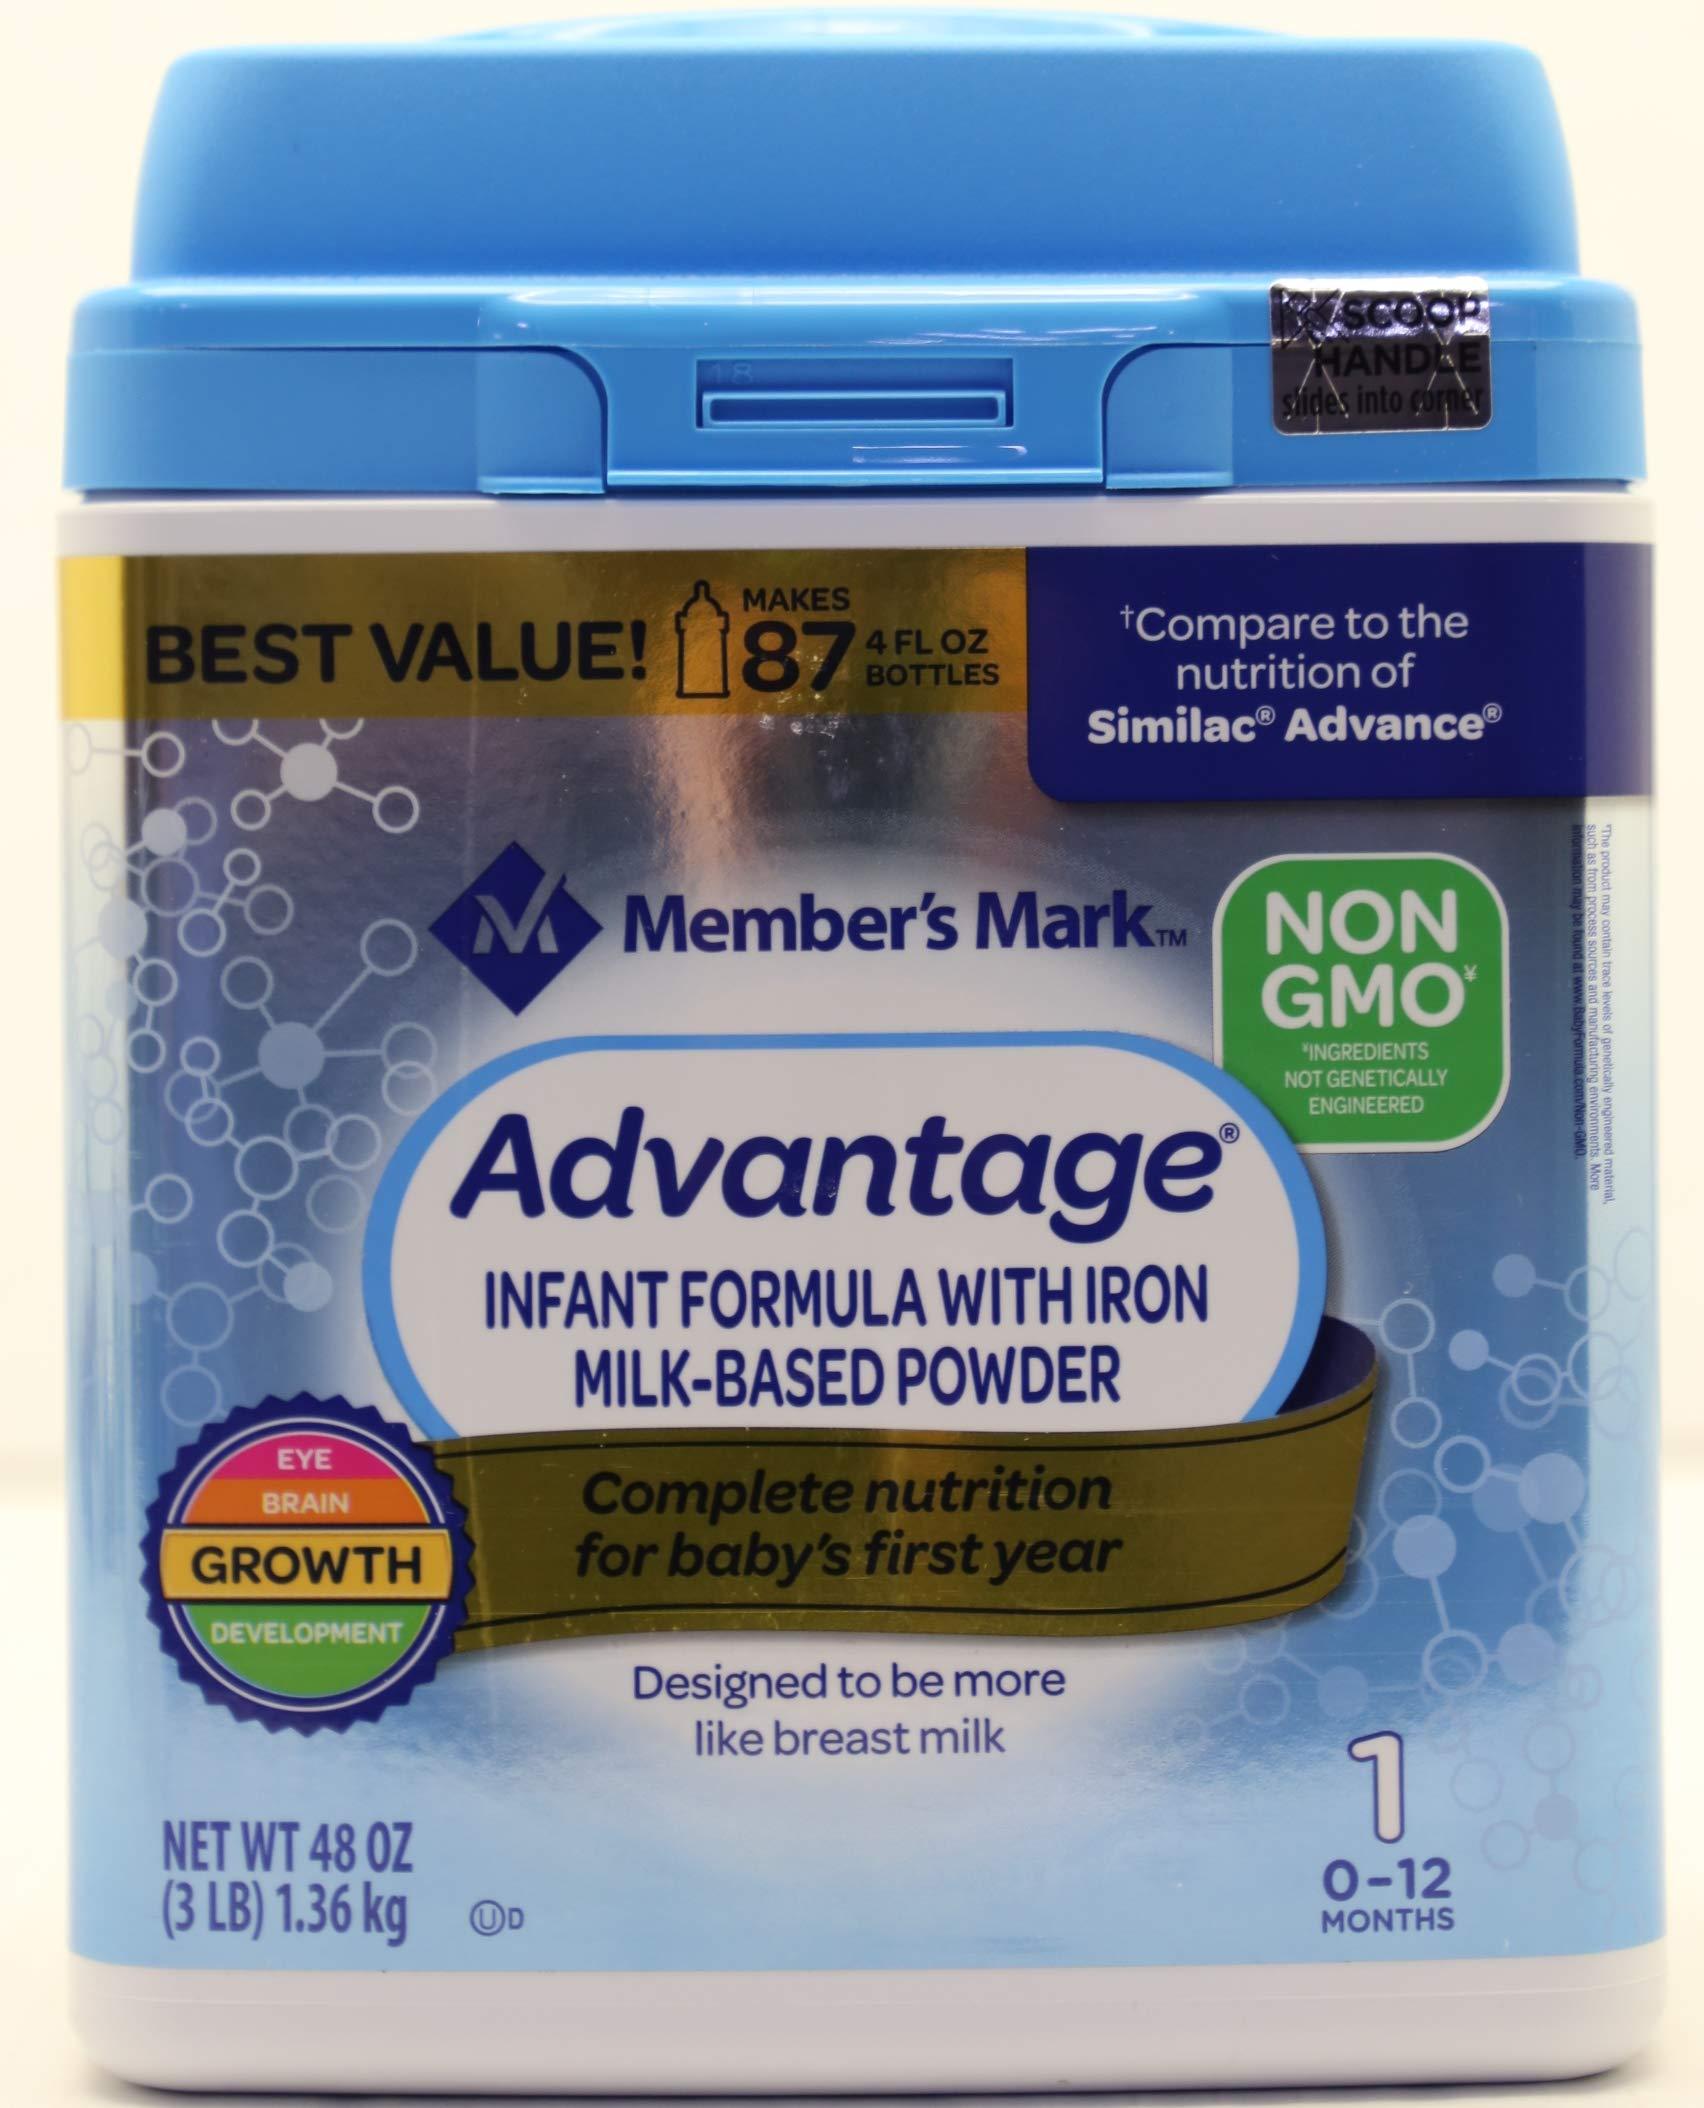 Members Mark Non GMO Formula Advantage